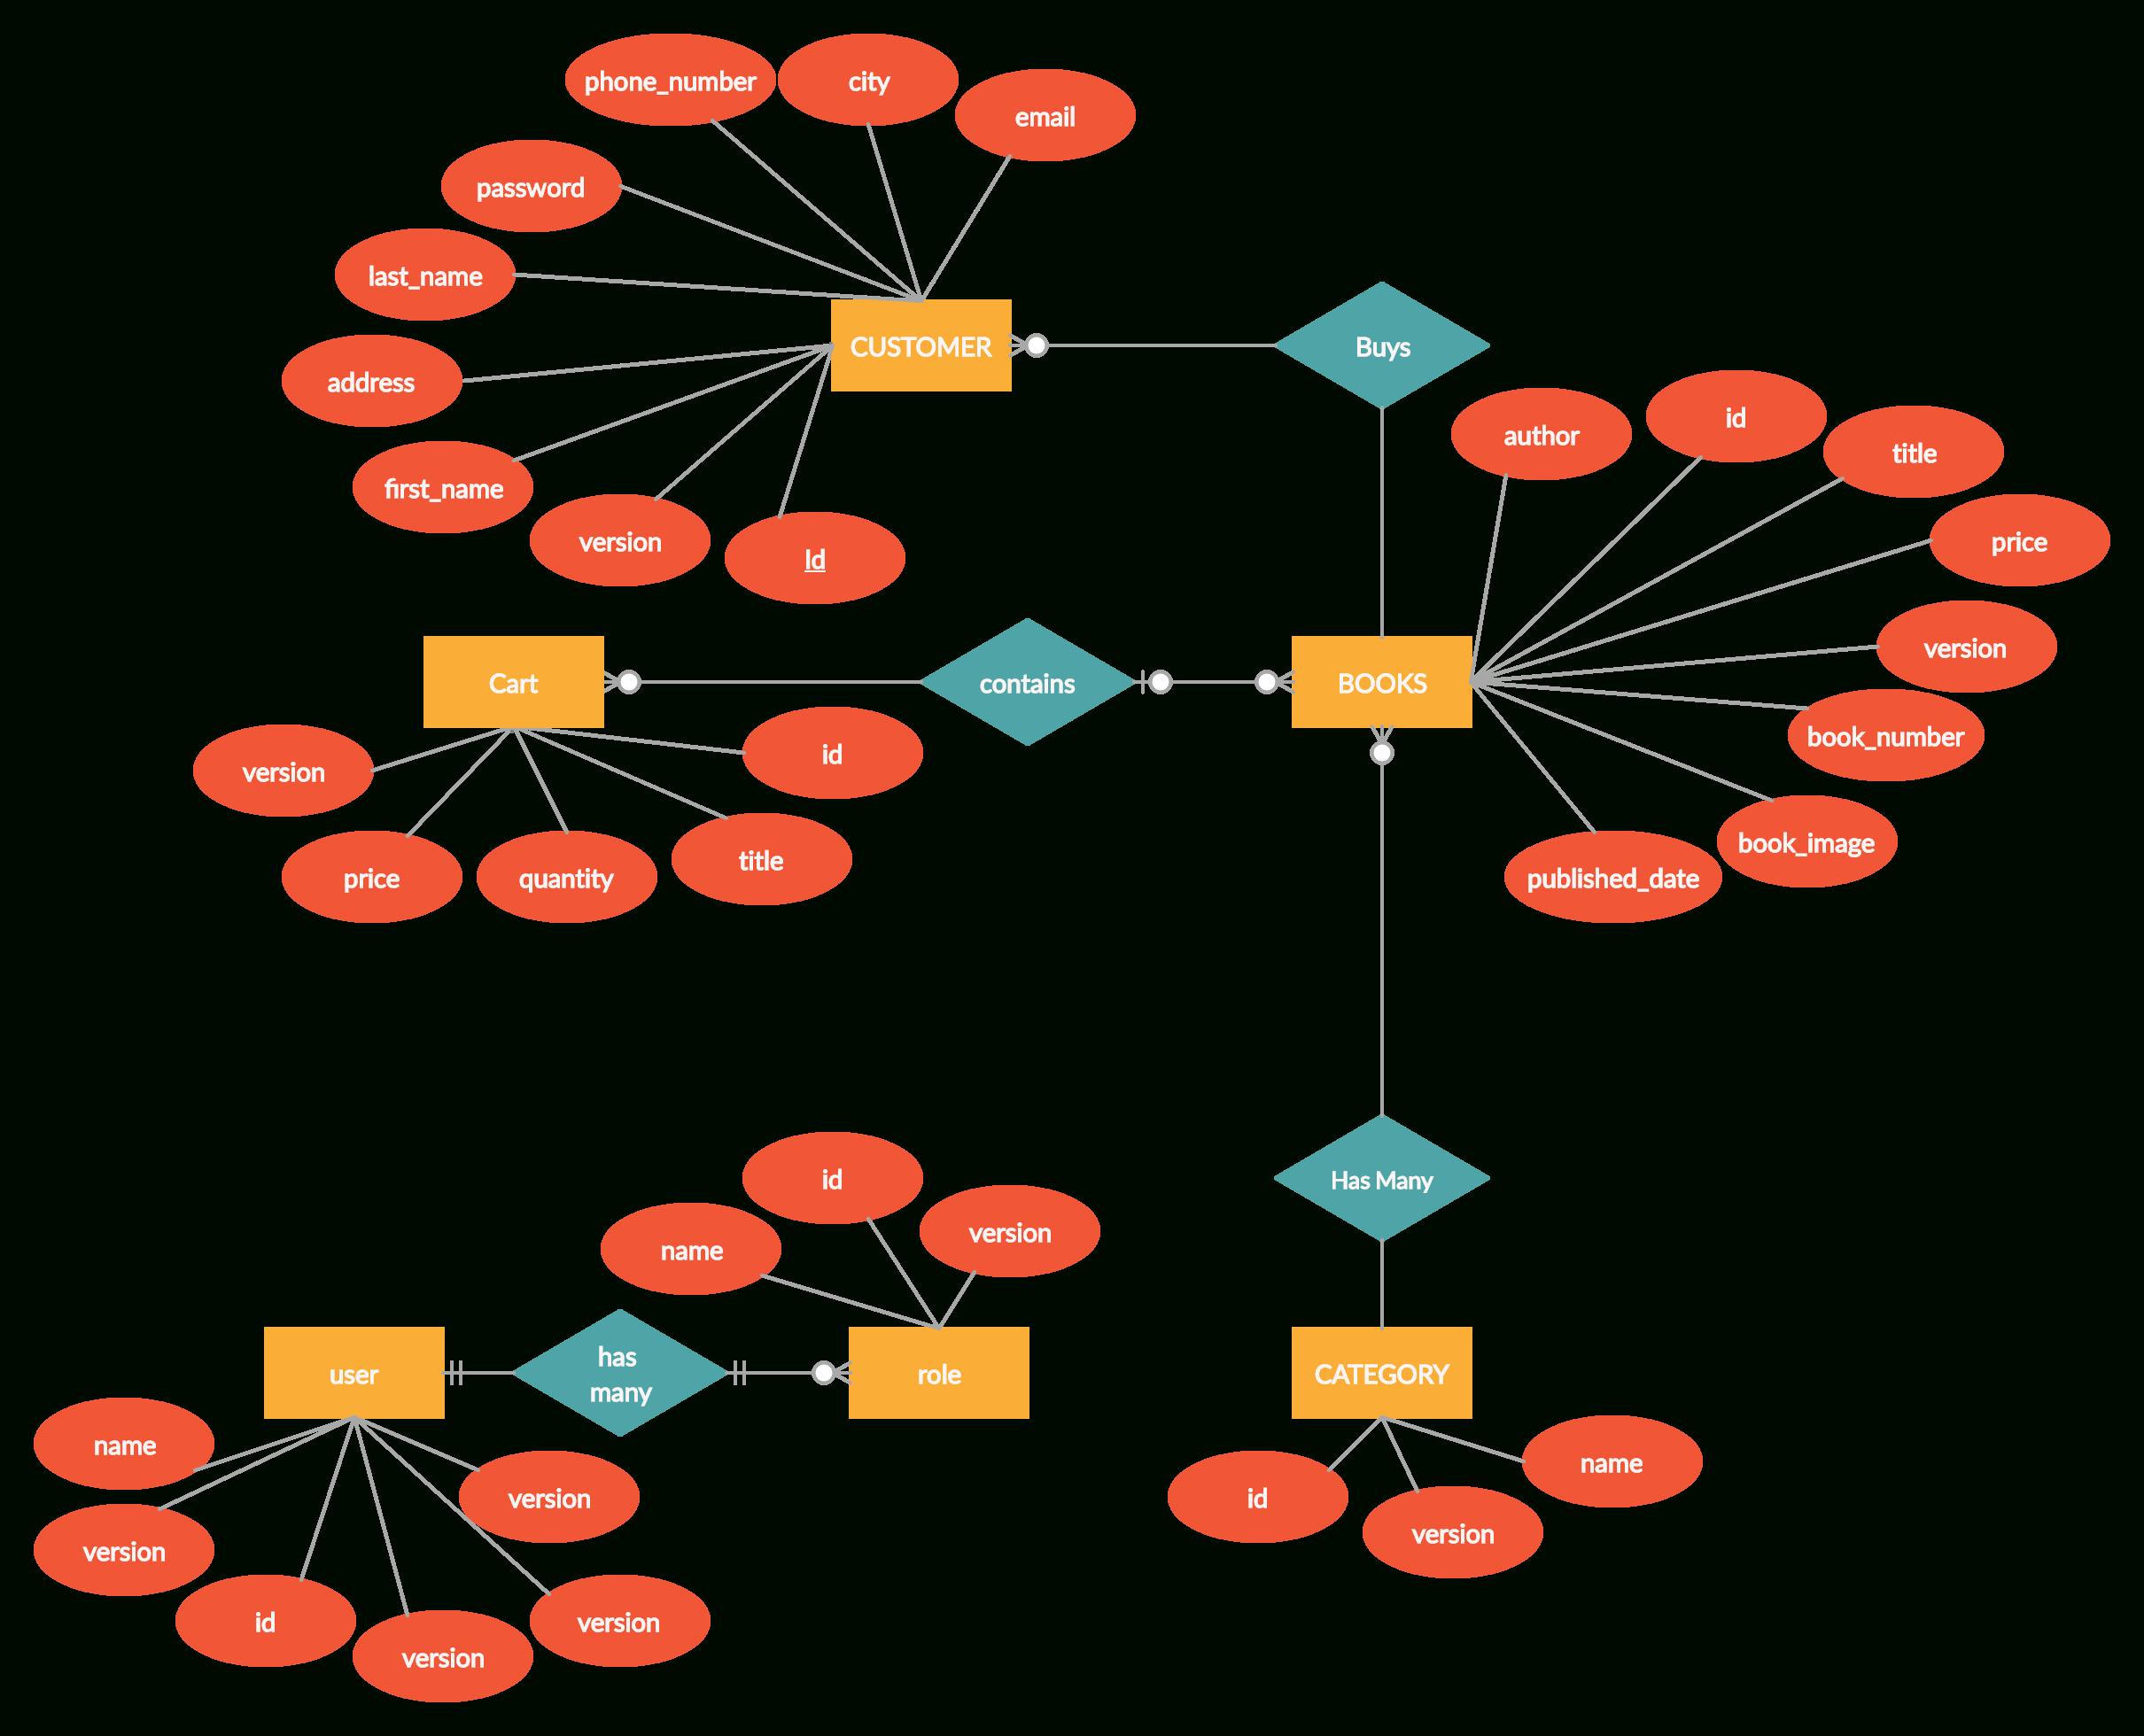 Online Book Store Er Diagram | Relationship Diagram, Online